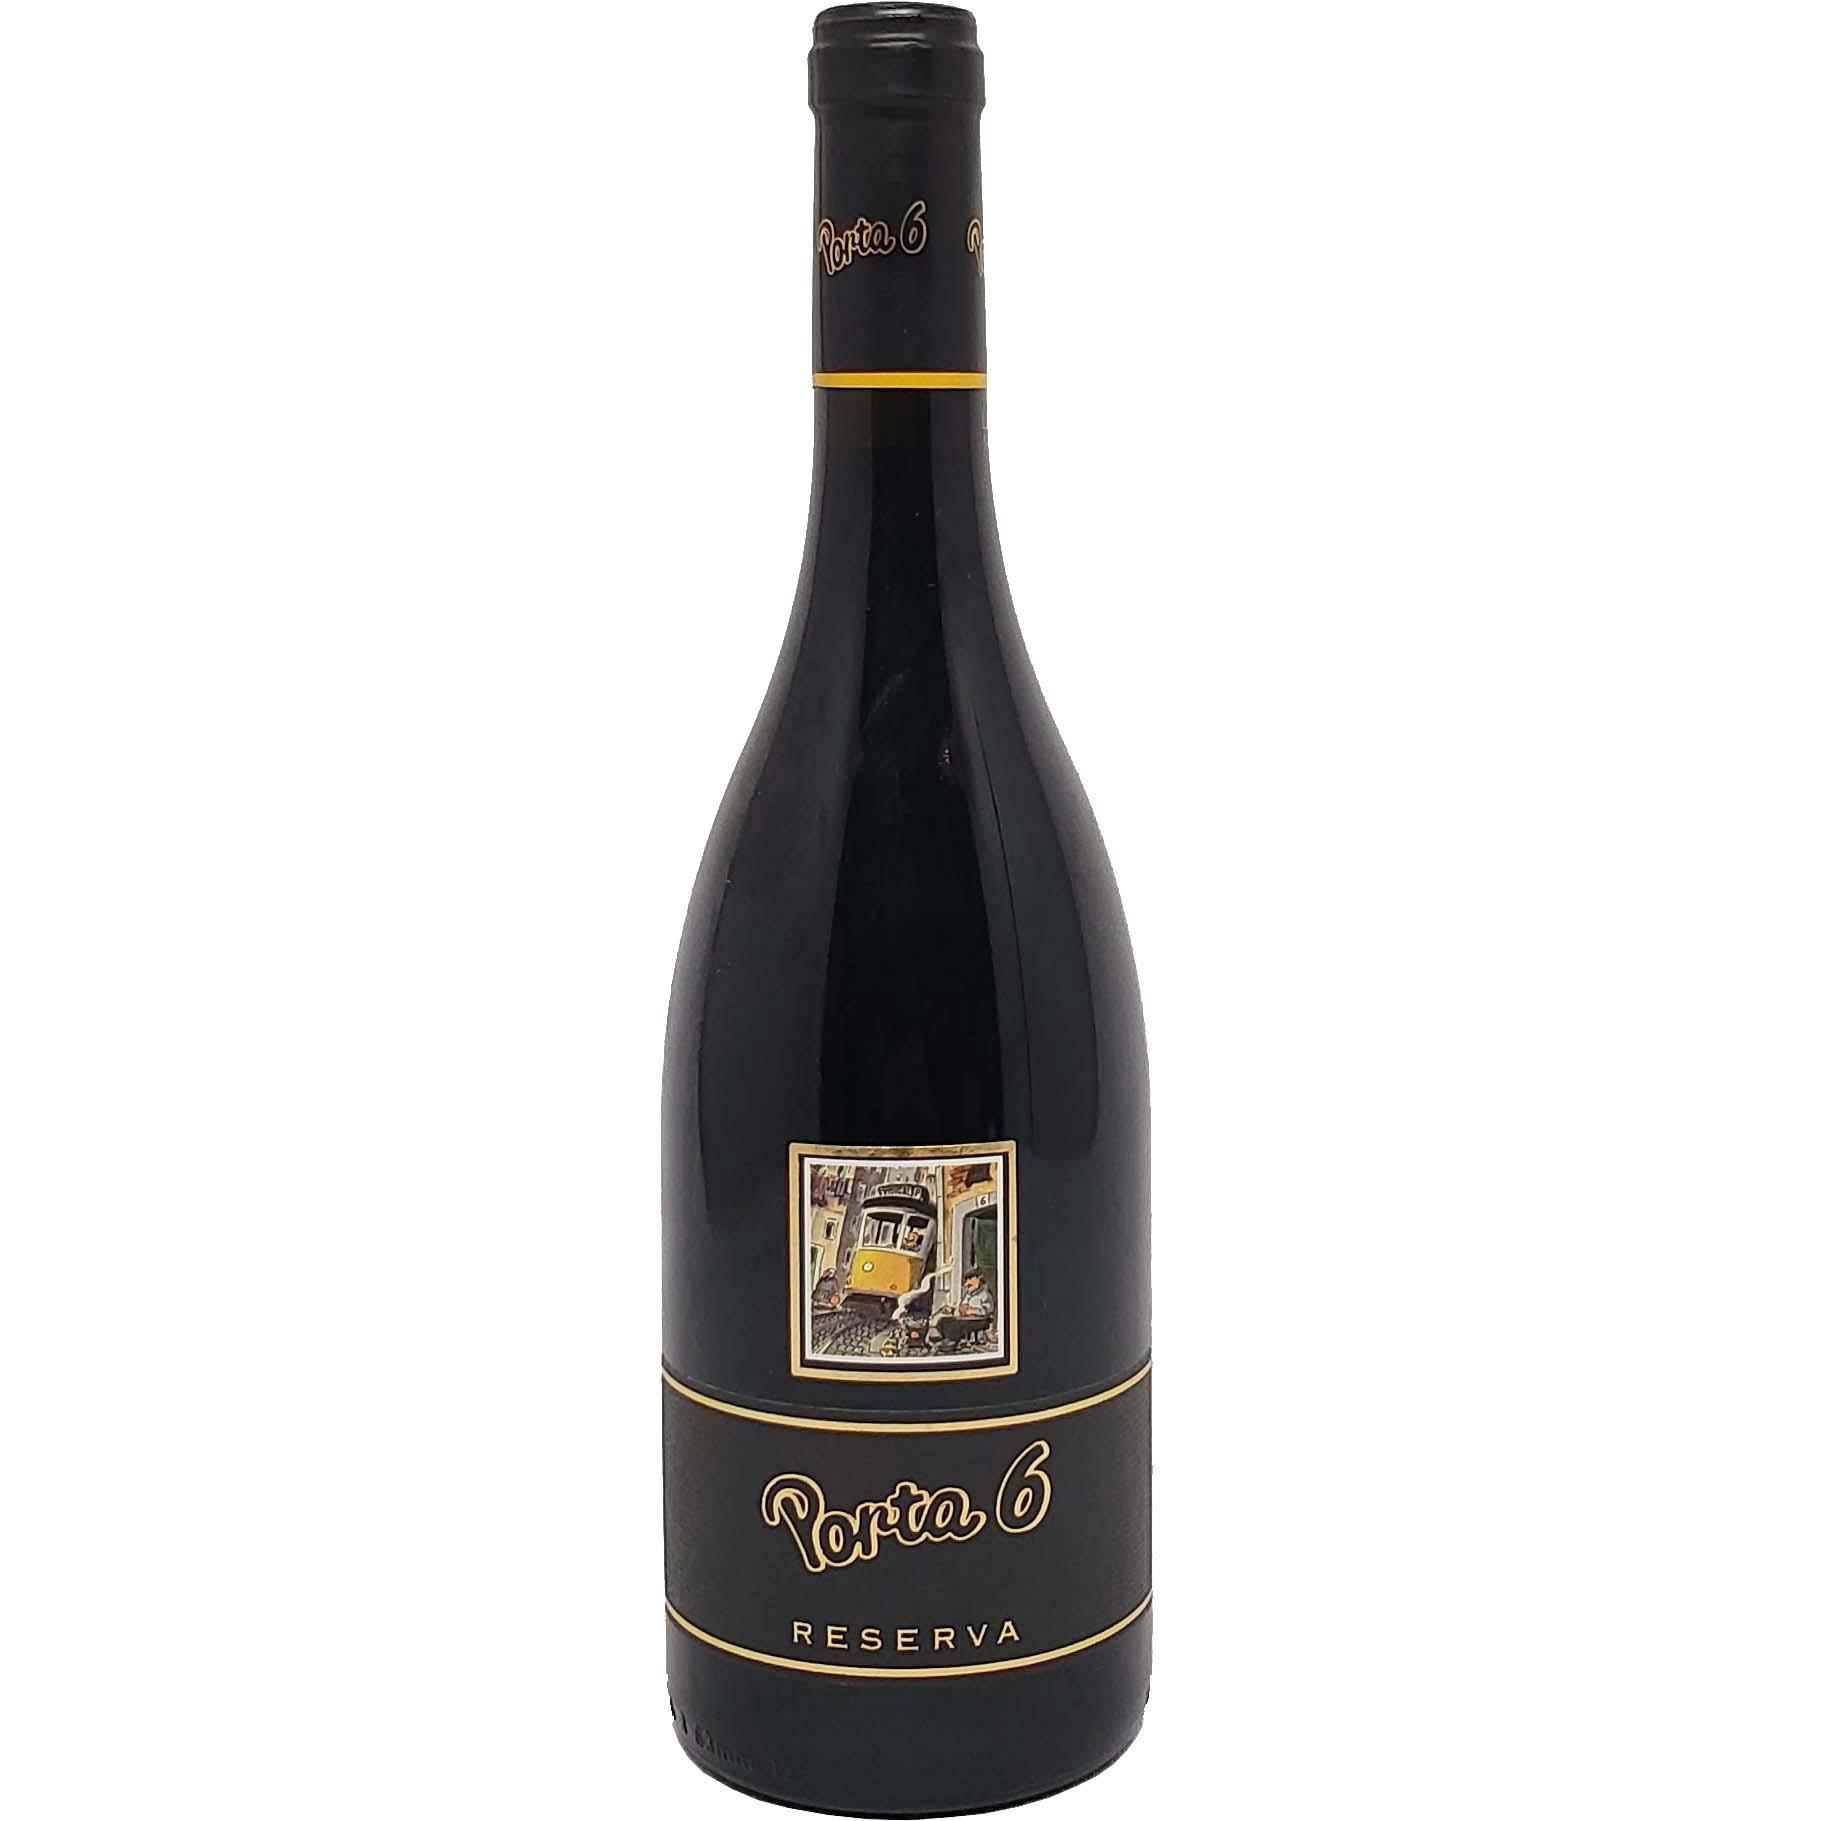 Vinho Tinto Porta 6 Reserva - 750ml -